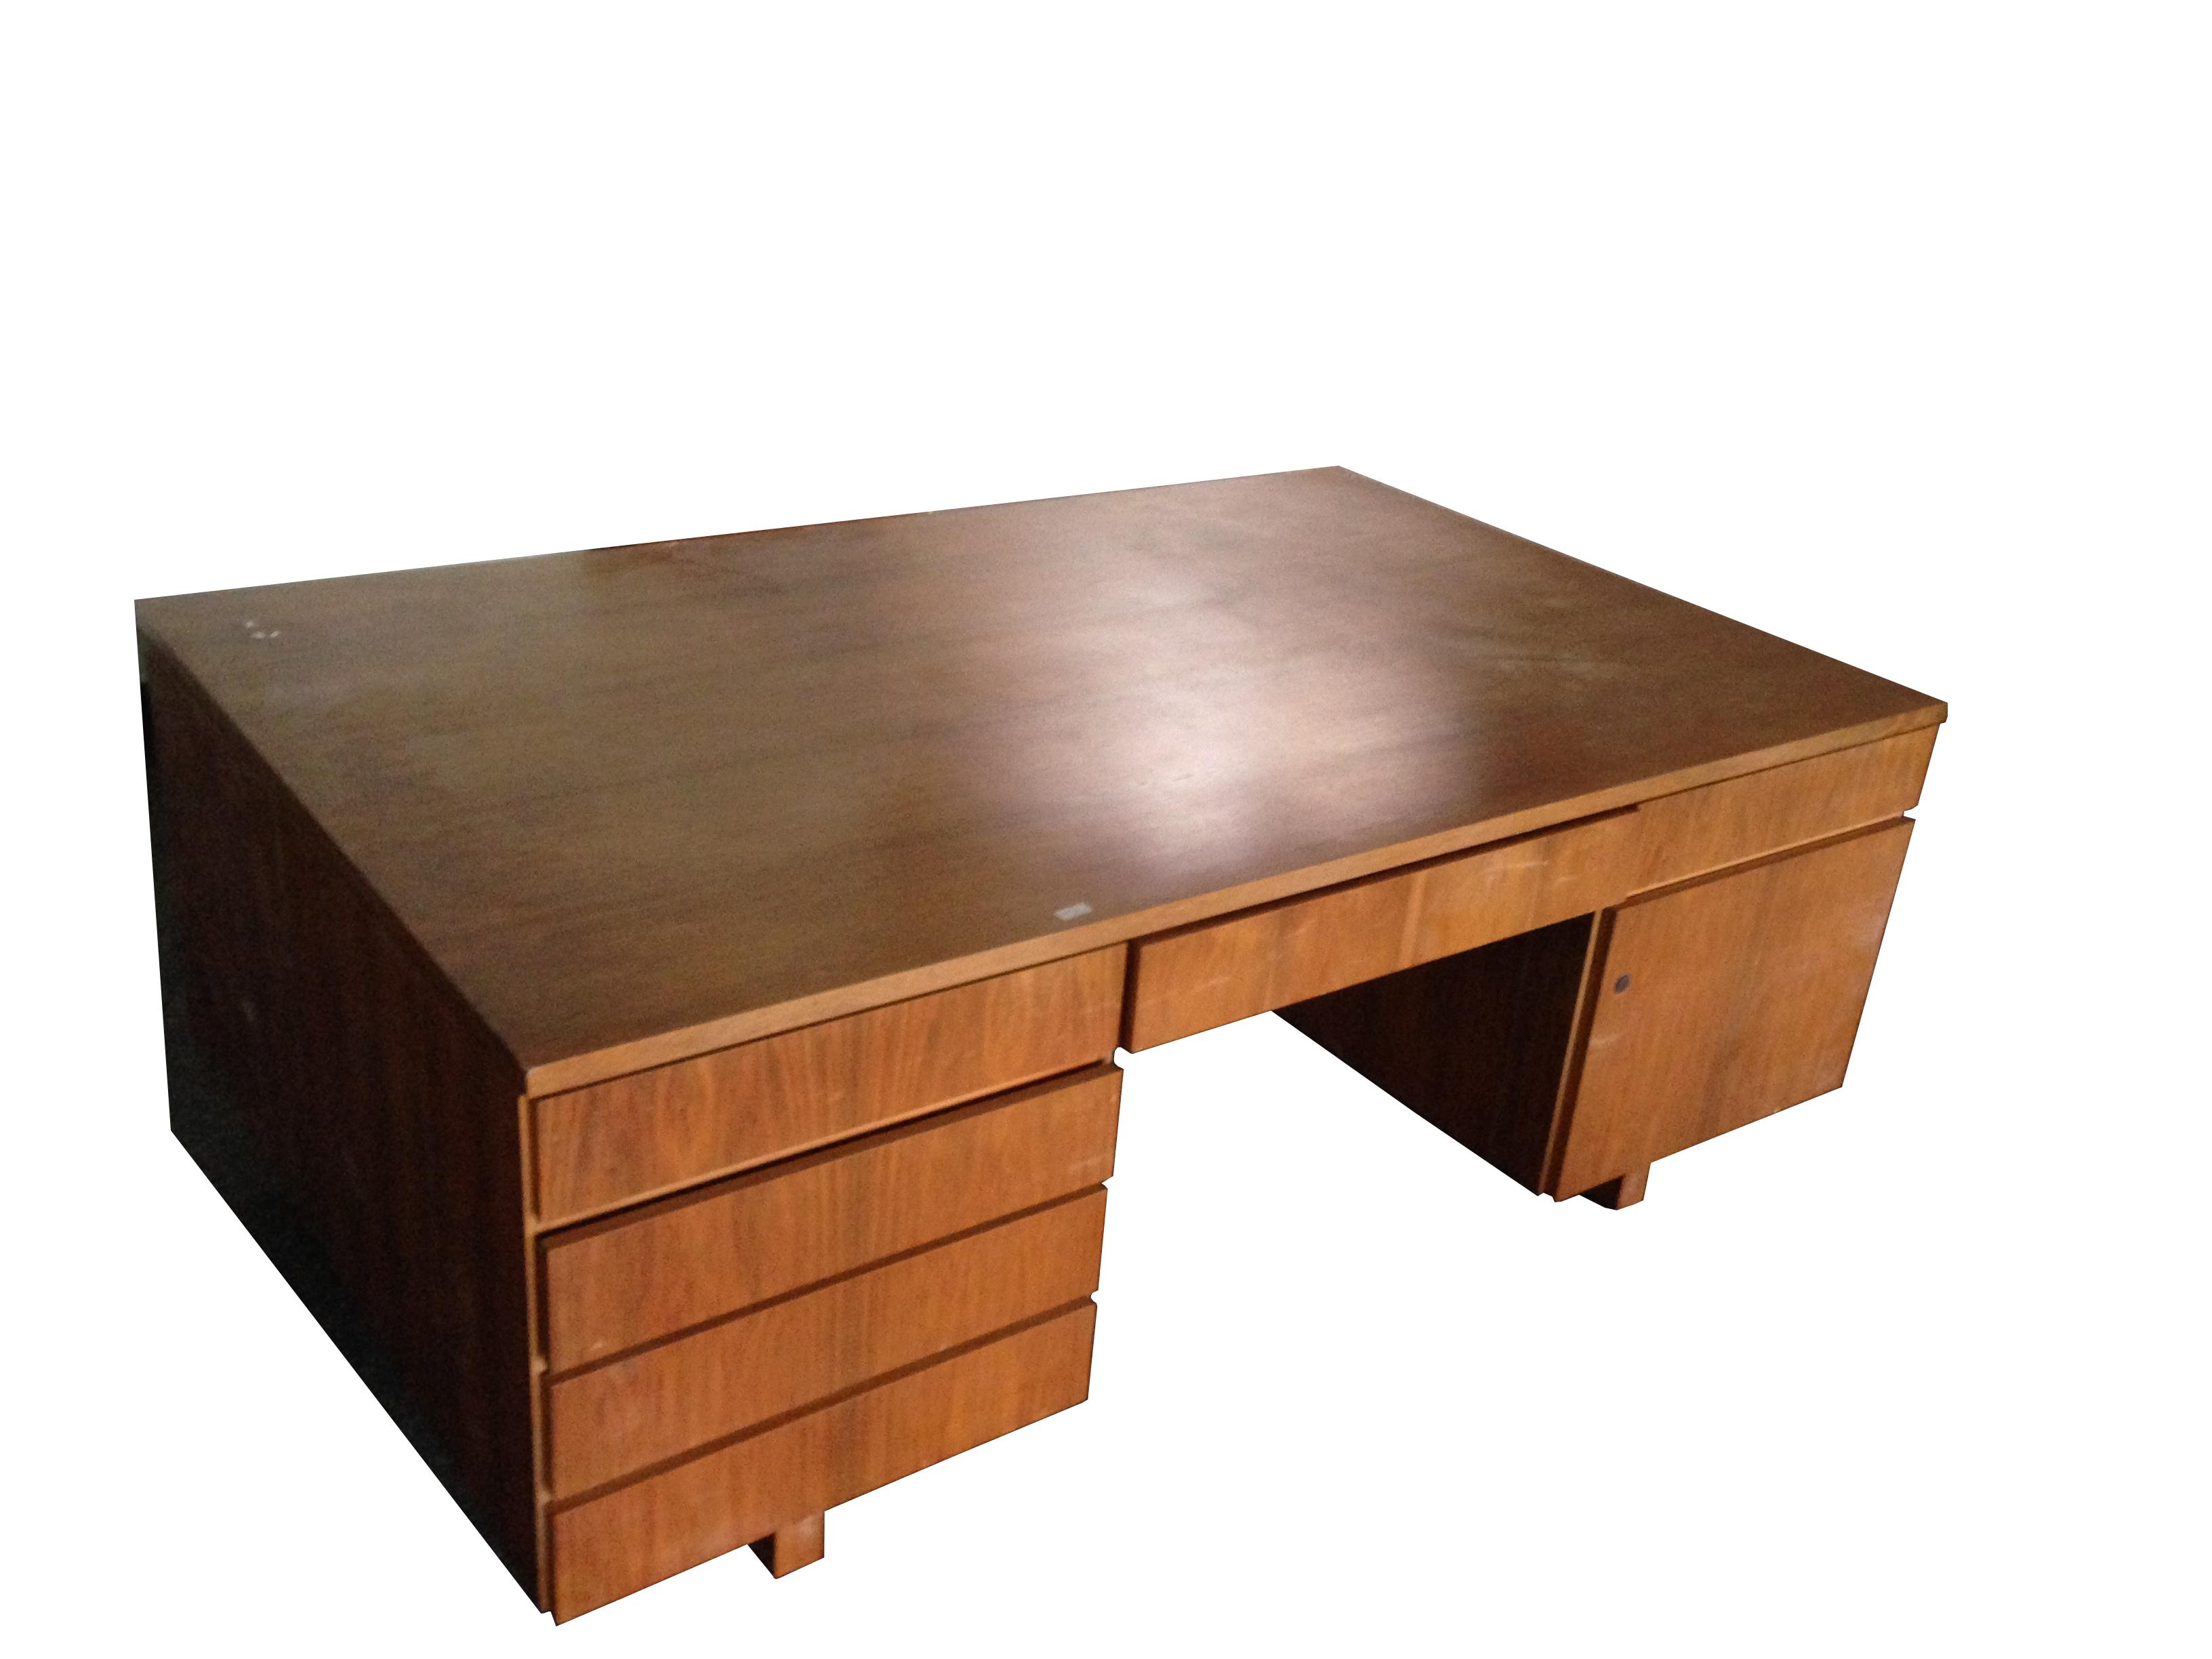 neueste bauhaus sichtschutz kunststoff design ideen terrasse design ideen. Black Bedroom Furniture Sets. Home Design Ideas